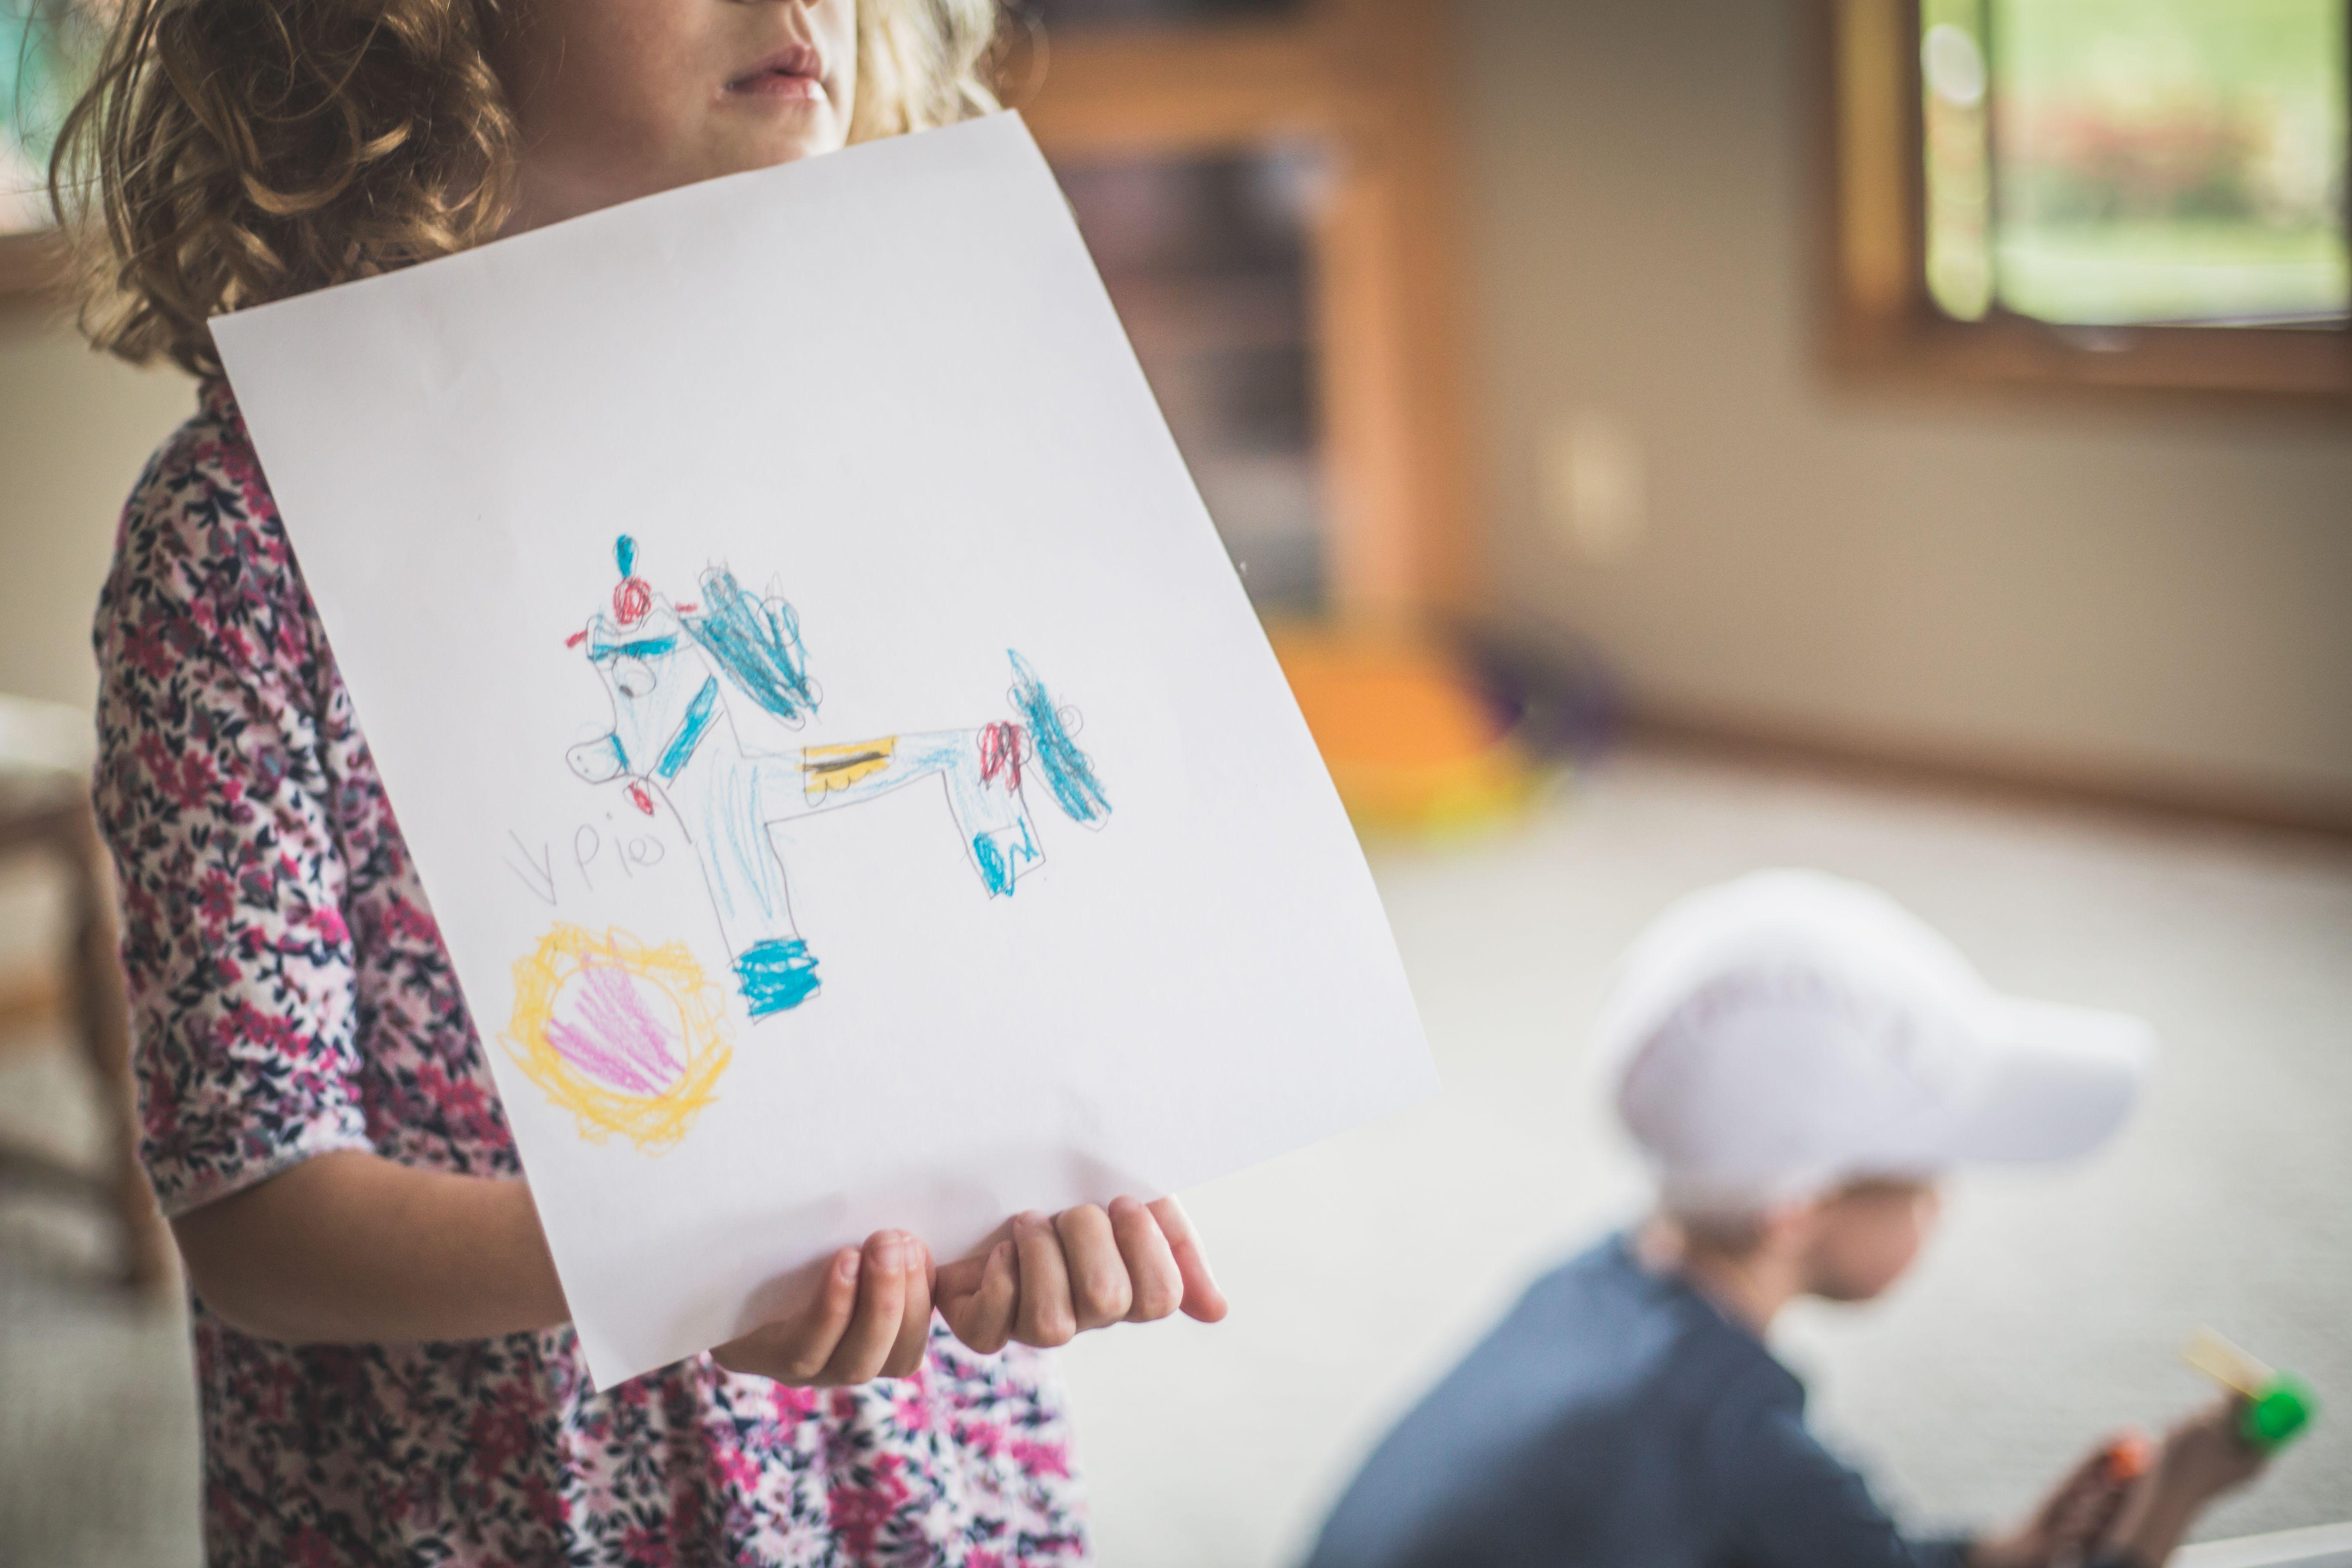 Little Girl's Art